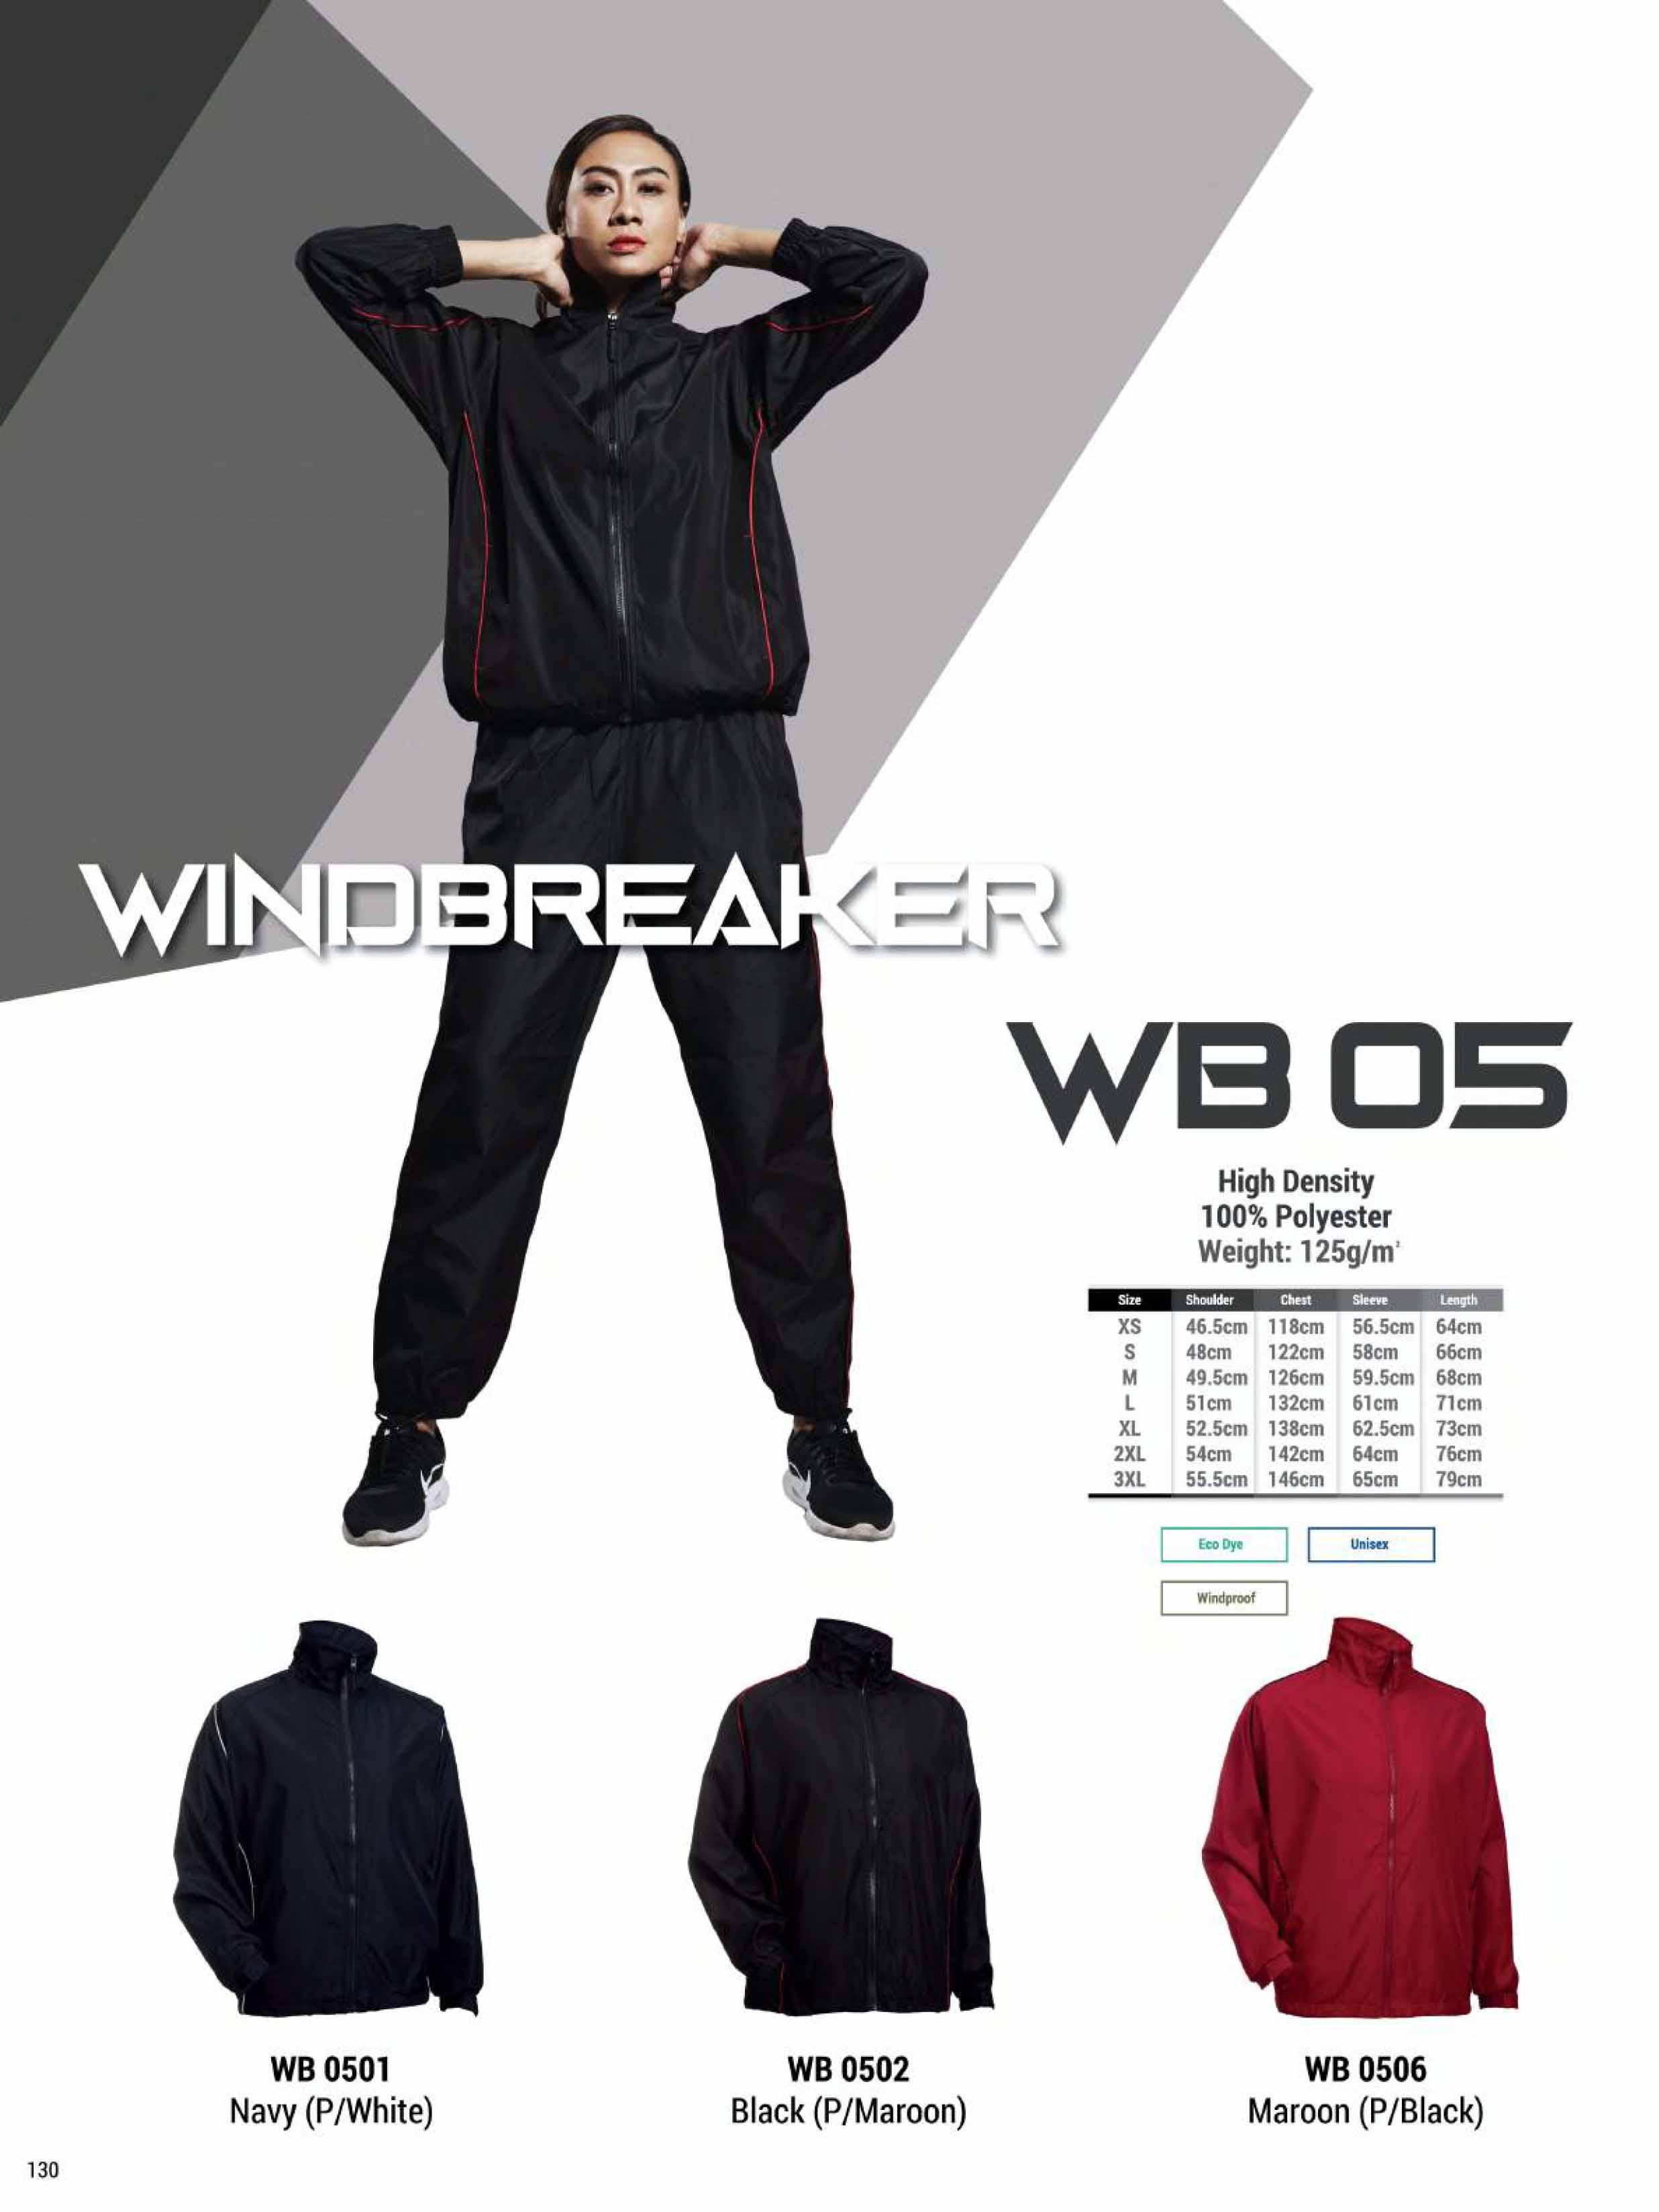 WB05 WINDBREAKER